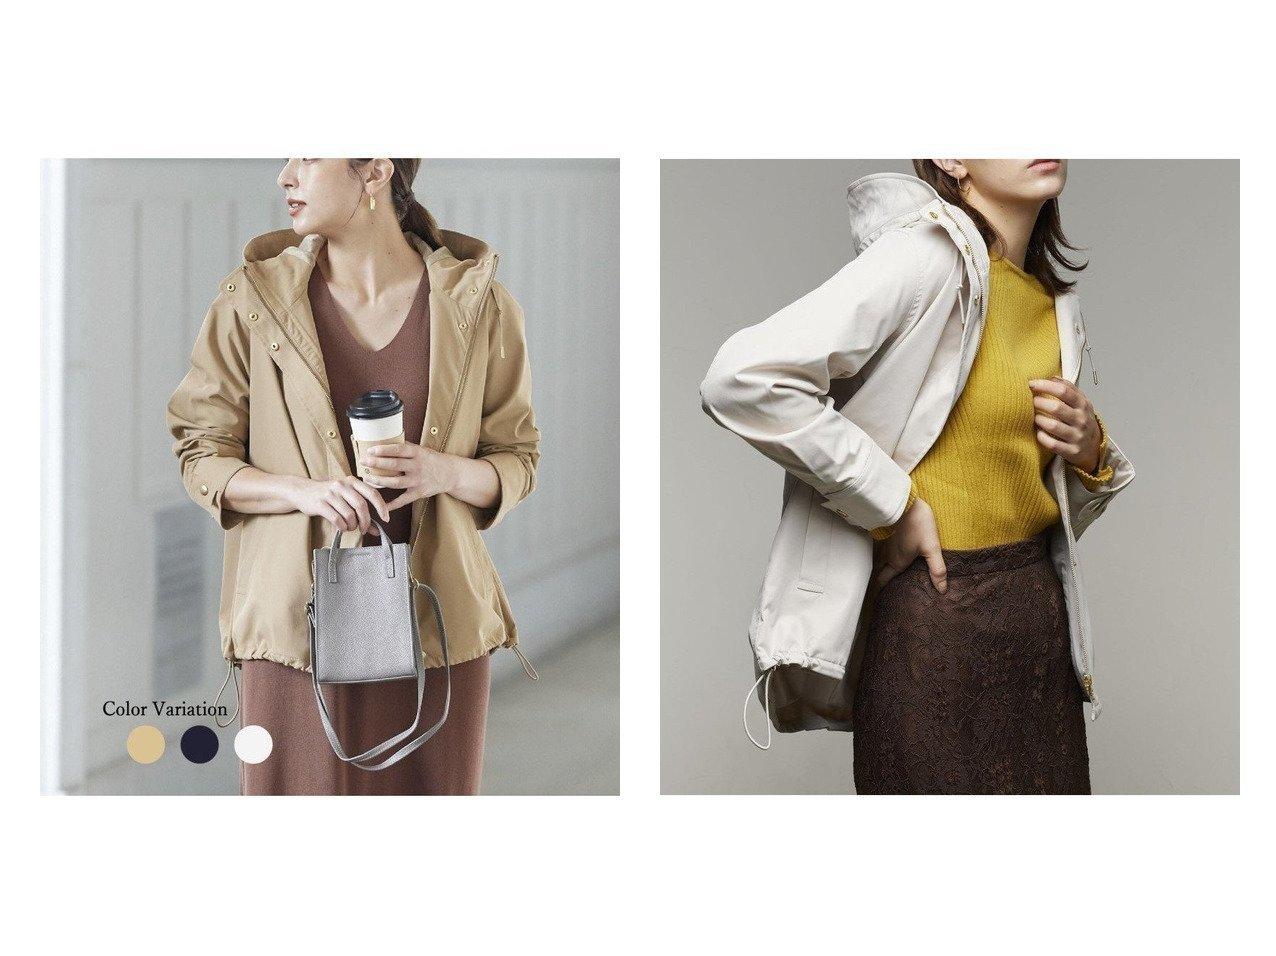 【Ketty/ケティ】の裾ドロストマウンテンパーカー おすすめ!人気、トレンド・レディースファッションの通販 おすすめで人気の流行・トレンド、ファッションの通販商品 インテリア・家具・メンズファッション・キッズファッション・レディースファッション・服の通販 founy(ファニー) https://founy.com/ ファッション Fashion レディースファッション WOMEN アウター Coat Outerwear コート Coats ジャケット Jackets テーラードジャケット Tailored Jackets NEW・新作・新着・新入荷 New Arrivals シンプル ジップ ジャケット ダブル トレンド パーカー フォルム ベーシック ラウンド ワンポイント 羽織 |ID:crp329100000071742